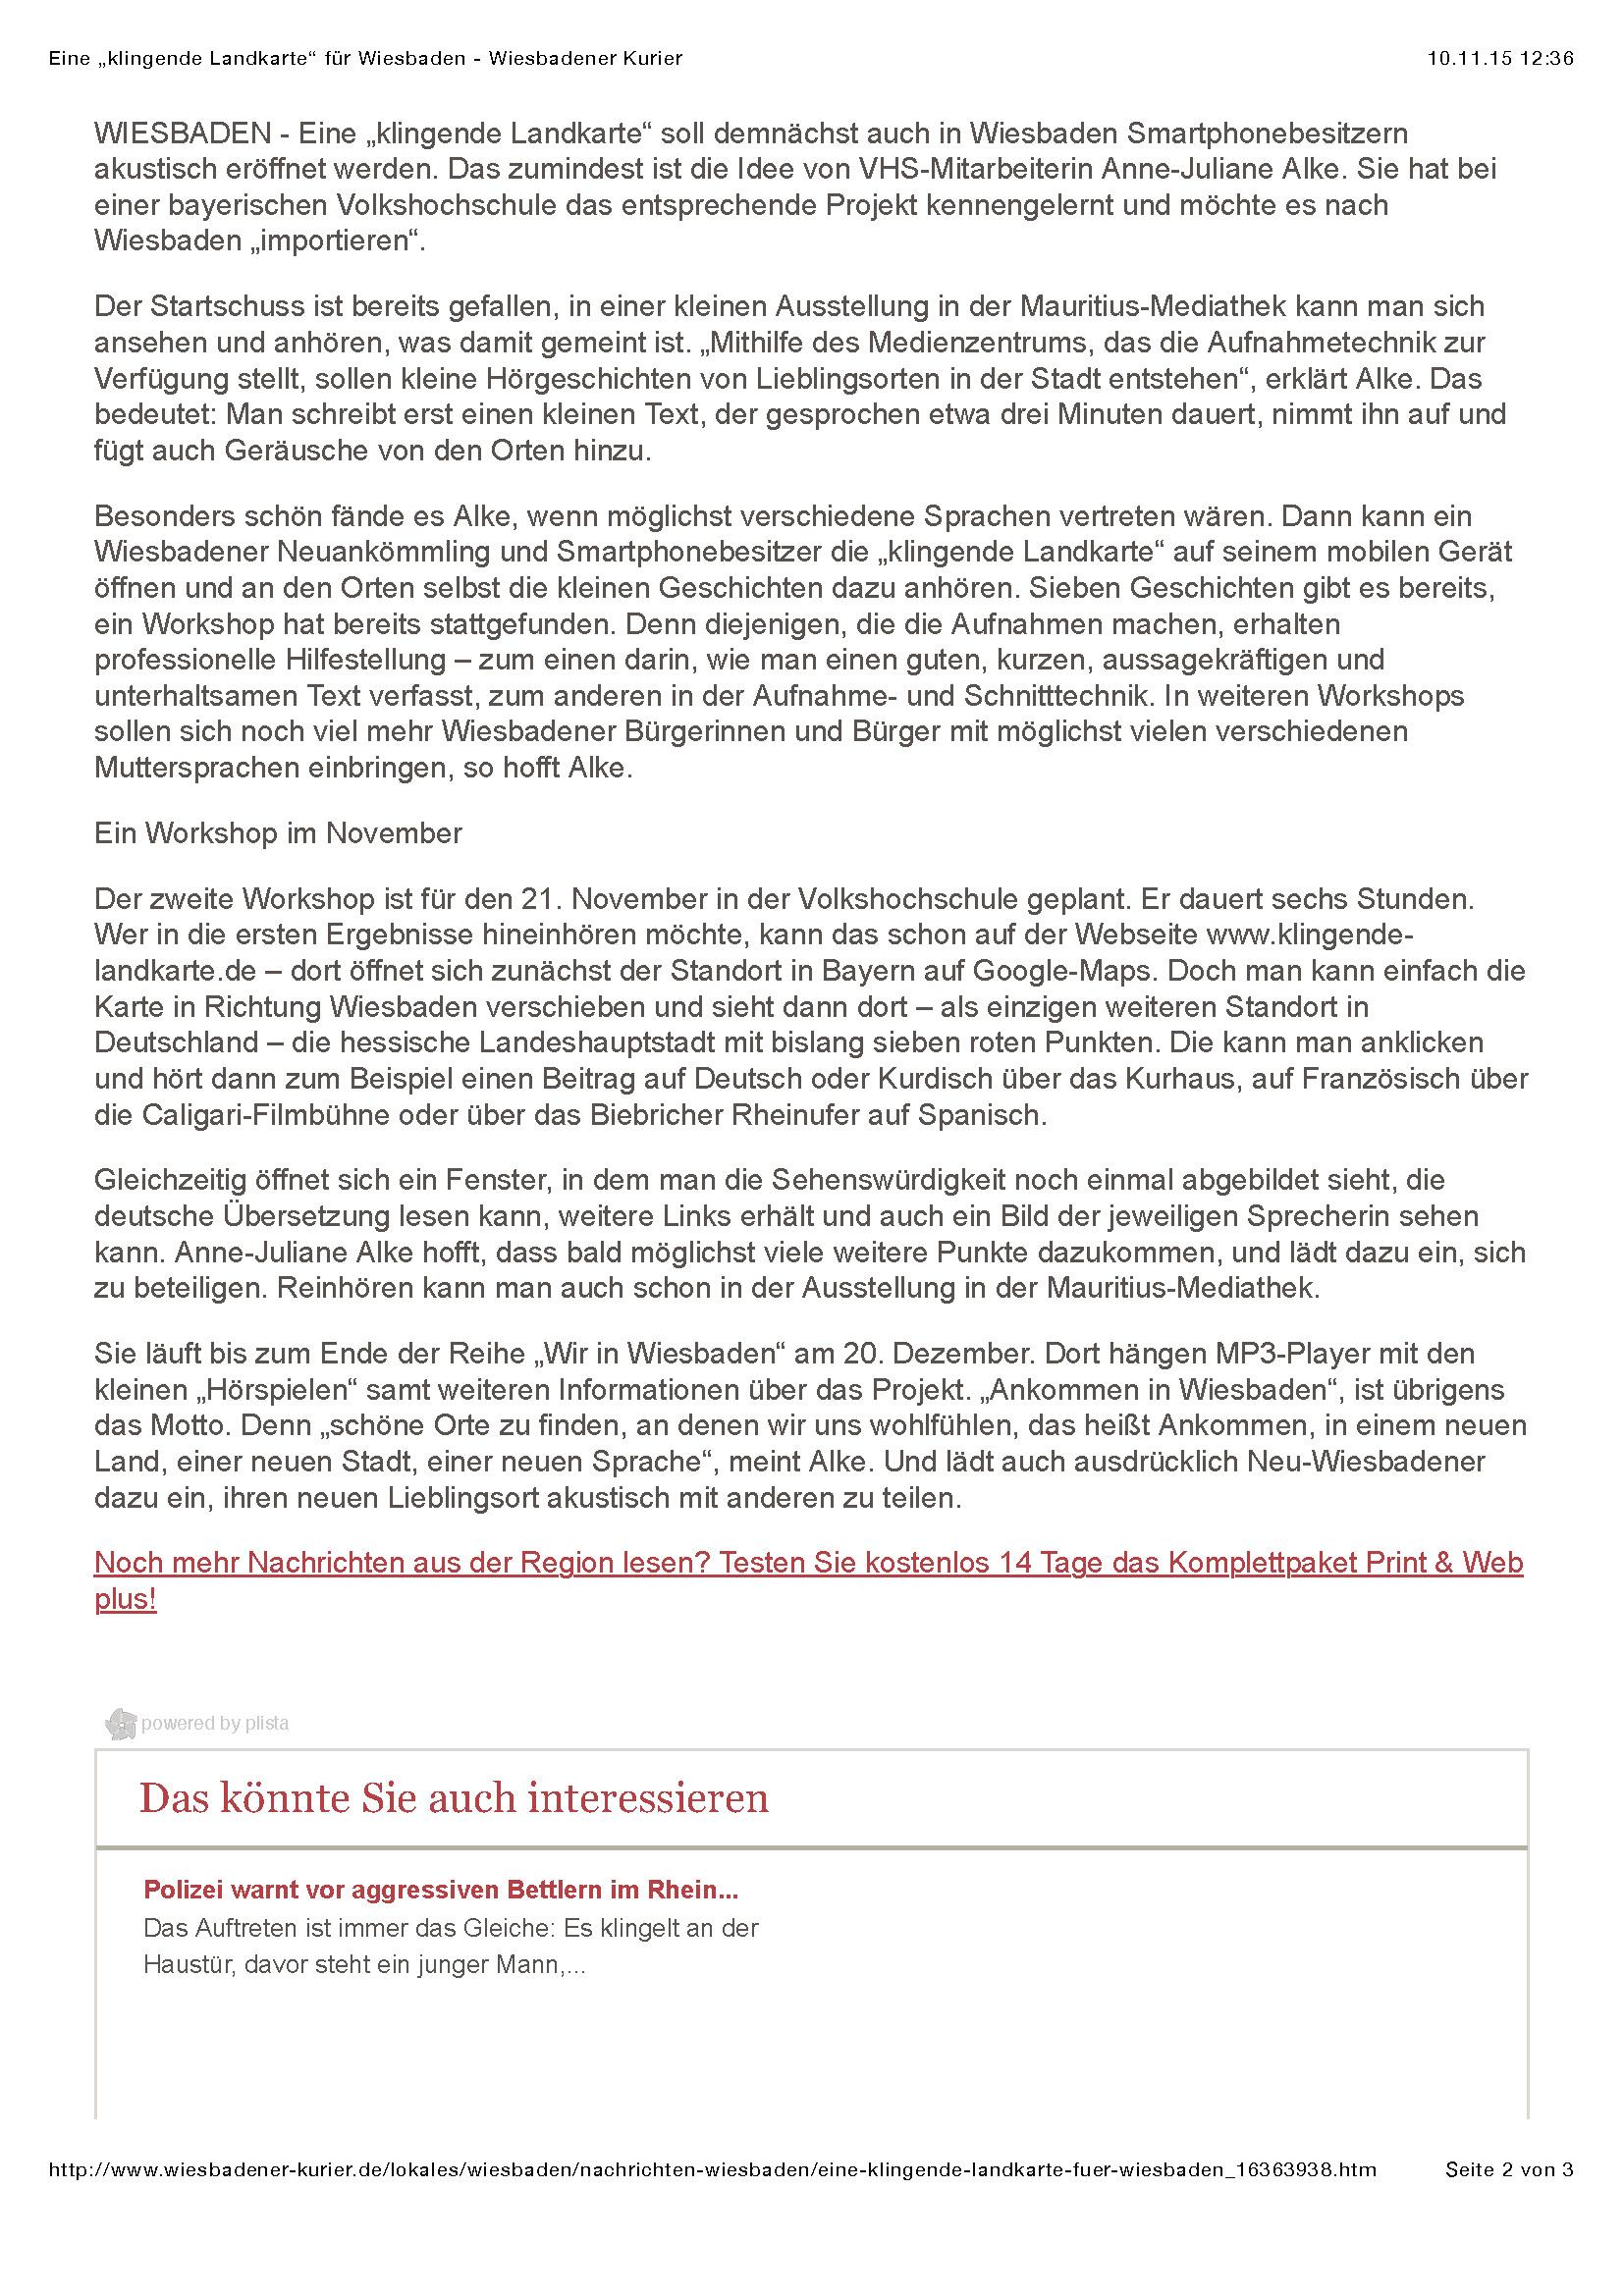 """Eine """"klingende Landkarte"""" für Wiesbaden - Wiesbadener Kurier_Seite_2"""